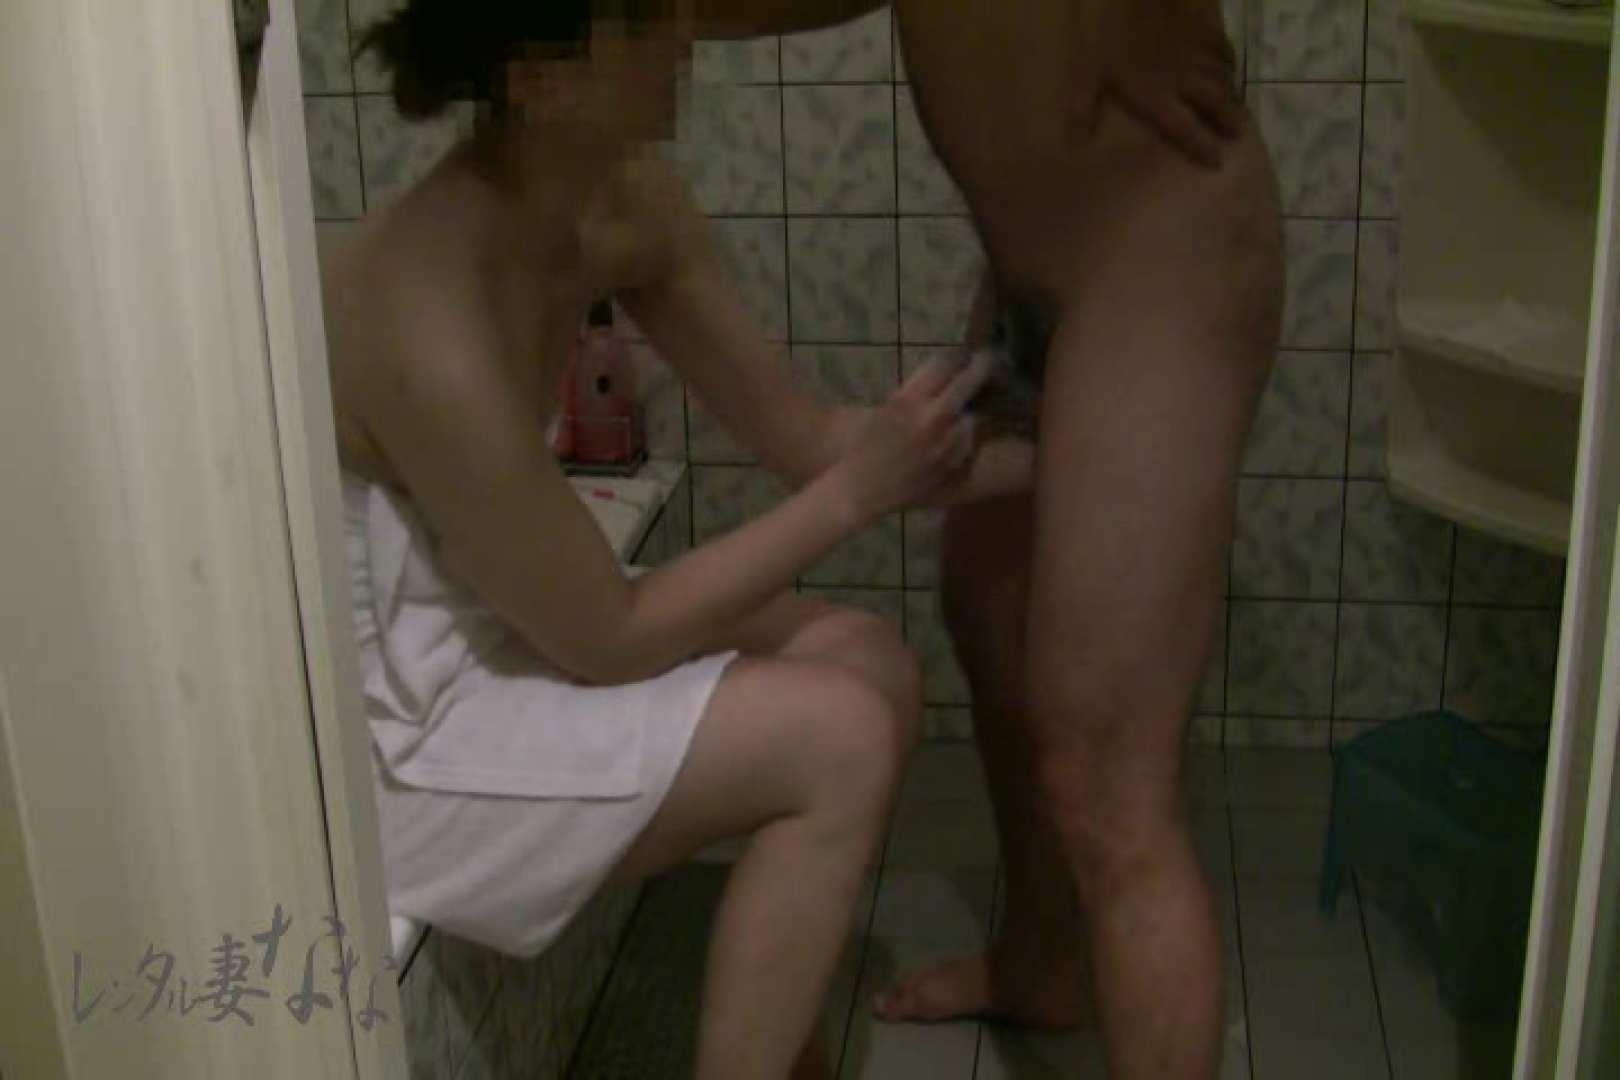 レンタル妻ななvol.5 お風呂で剃毛編 手マンギャル AV無料動画キャプチャ 81連発 44